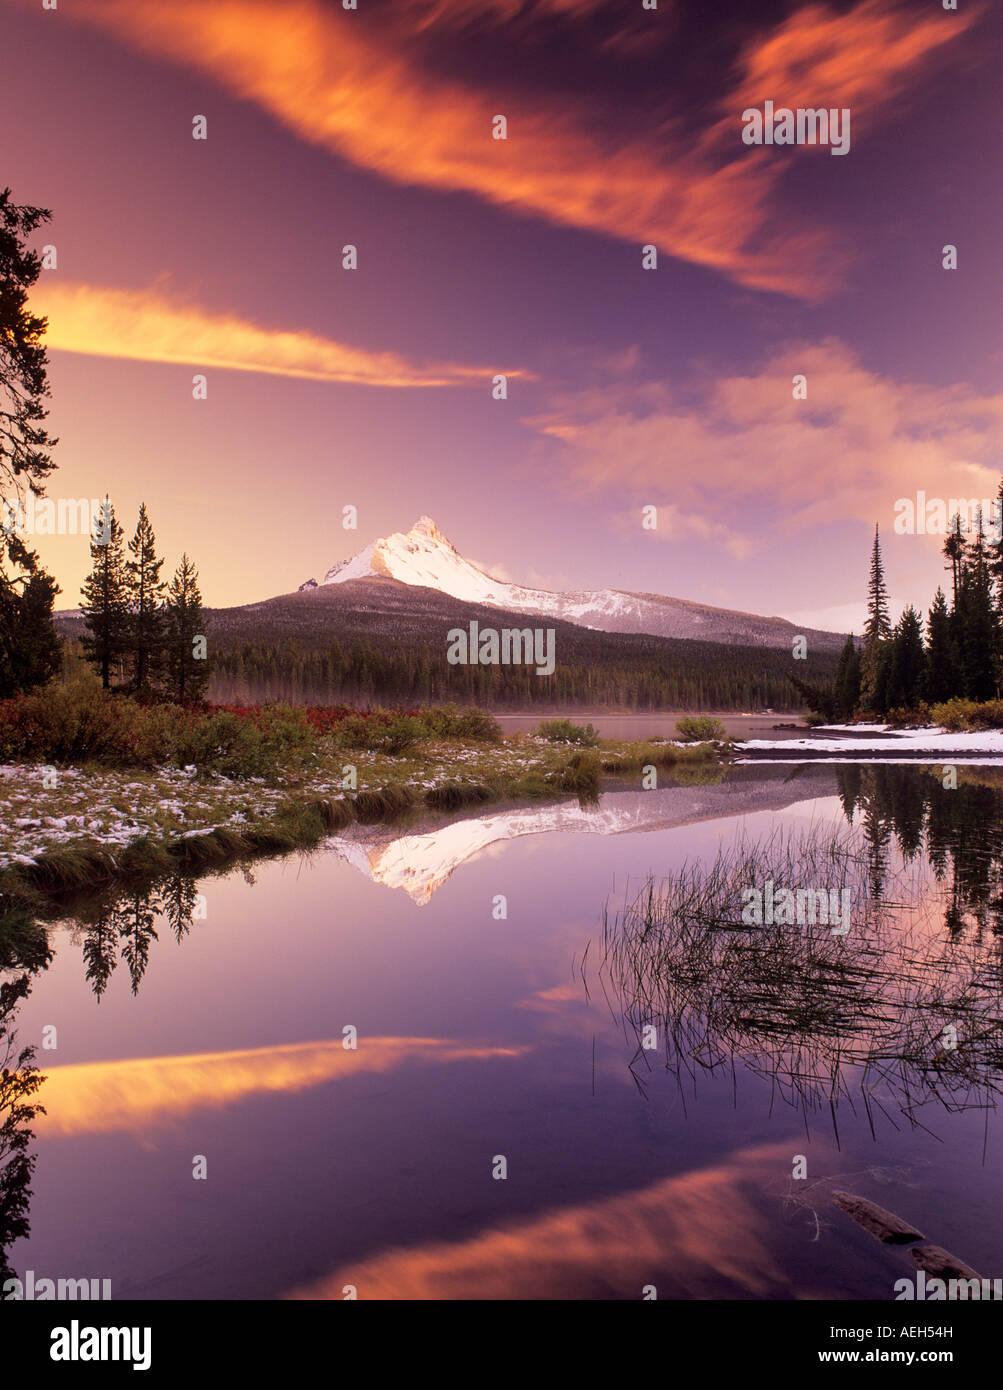 Le mont Washington et Grand lac avec de la neige et de l'Oregon au coucher du soleil Photo Stock